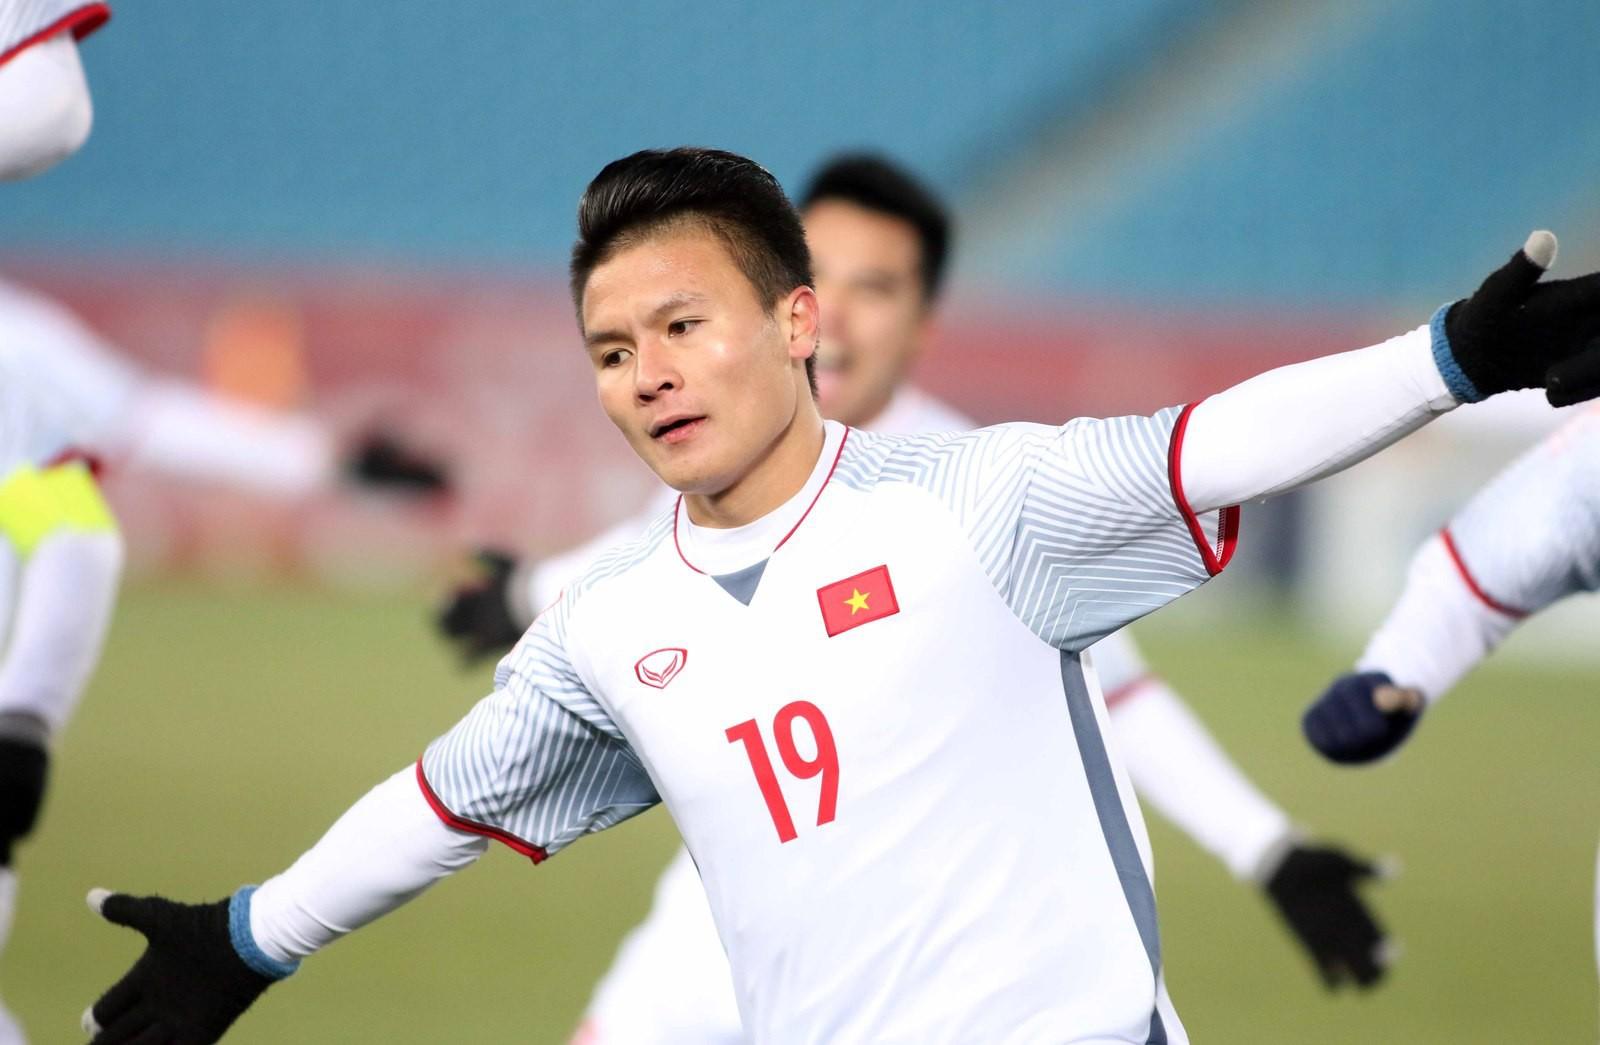 Nhật ký đổi tóc của U23 Việt Nam: Nếu việc đổi tóc nói lên tính cách thì gần như chàng nào cũng chung tình! - Ảnh 20.